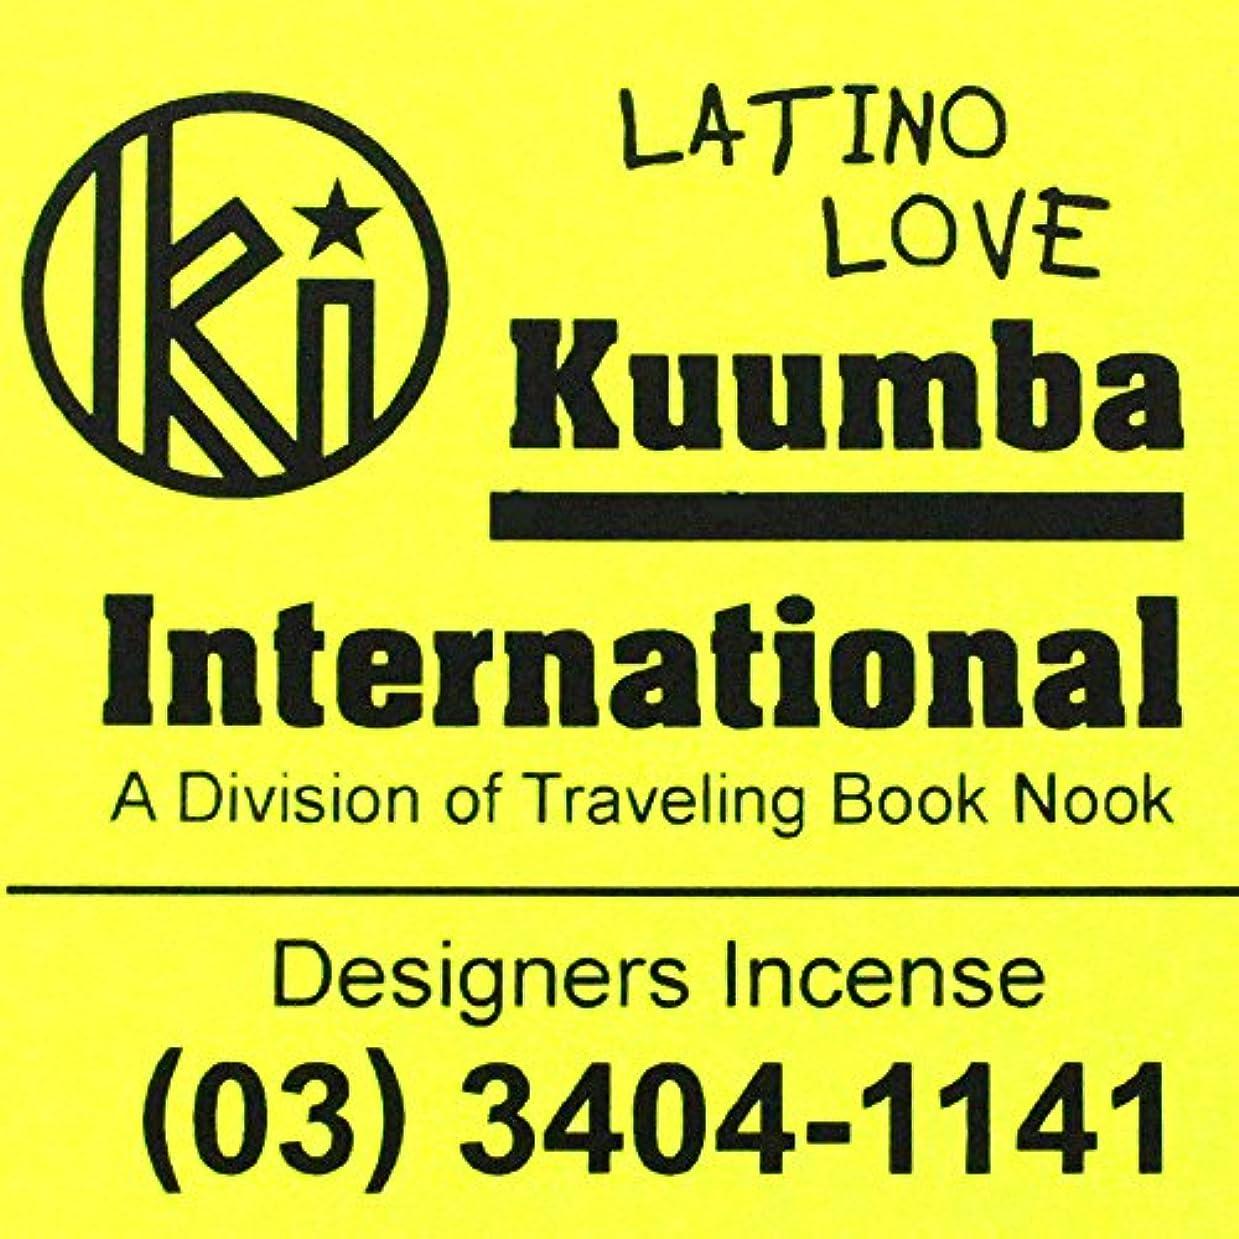 ガード比類なき哀(クンバ) KUUMBA『incense』(LATINO LOVE) (Regular size)